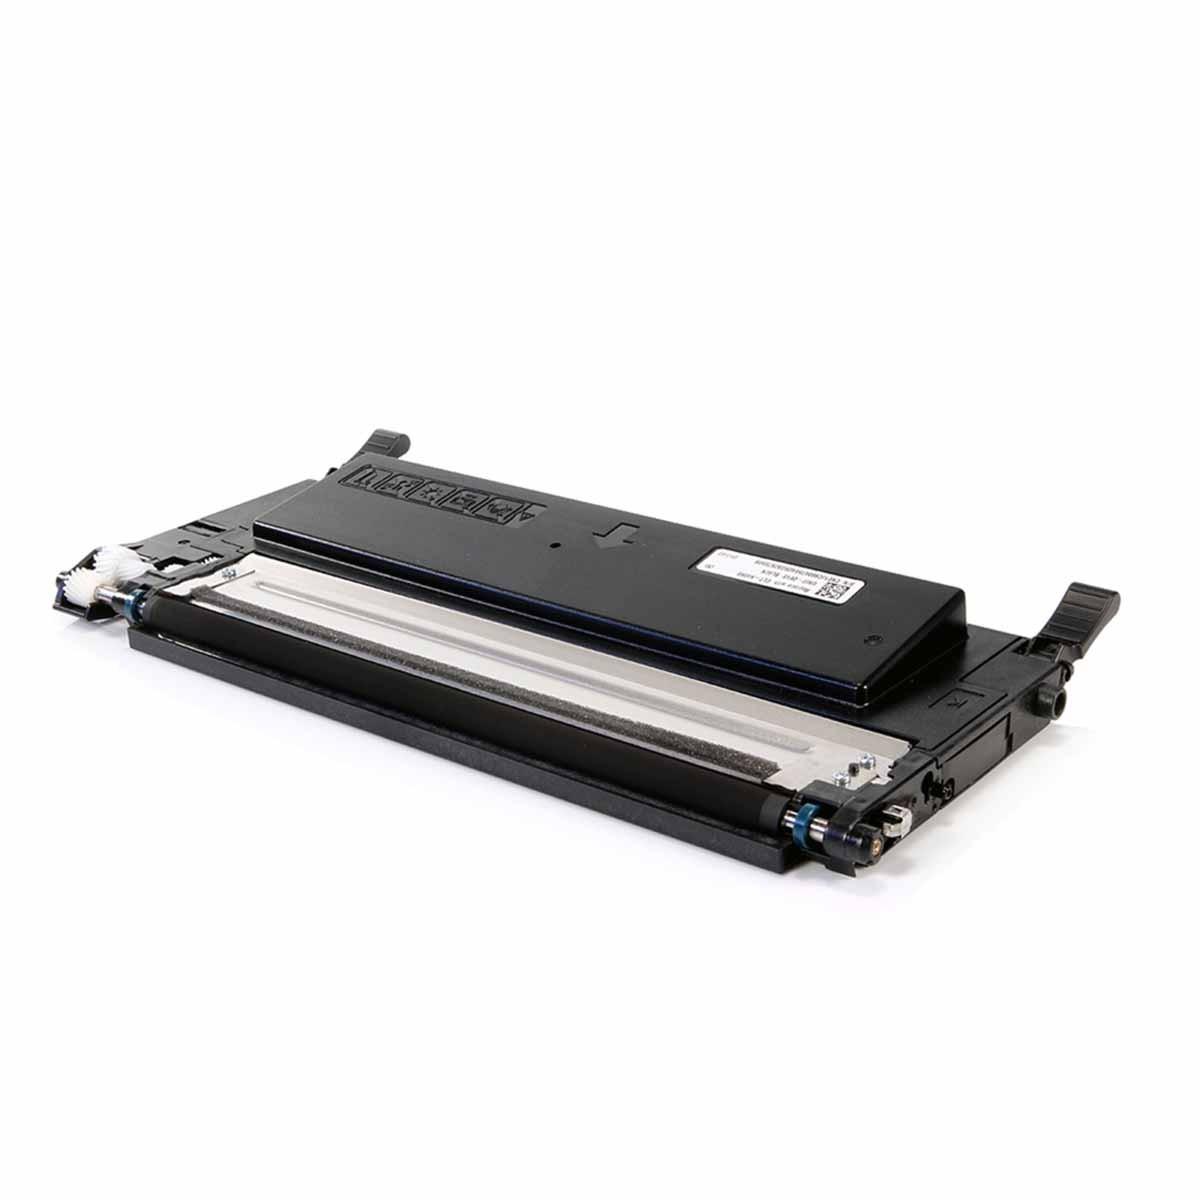 CARTUCHO SAMSUNG CLP310/315/CLX3170/CLX3175 -CLT-K409S BLACK (COMPATÍVEL)